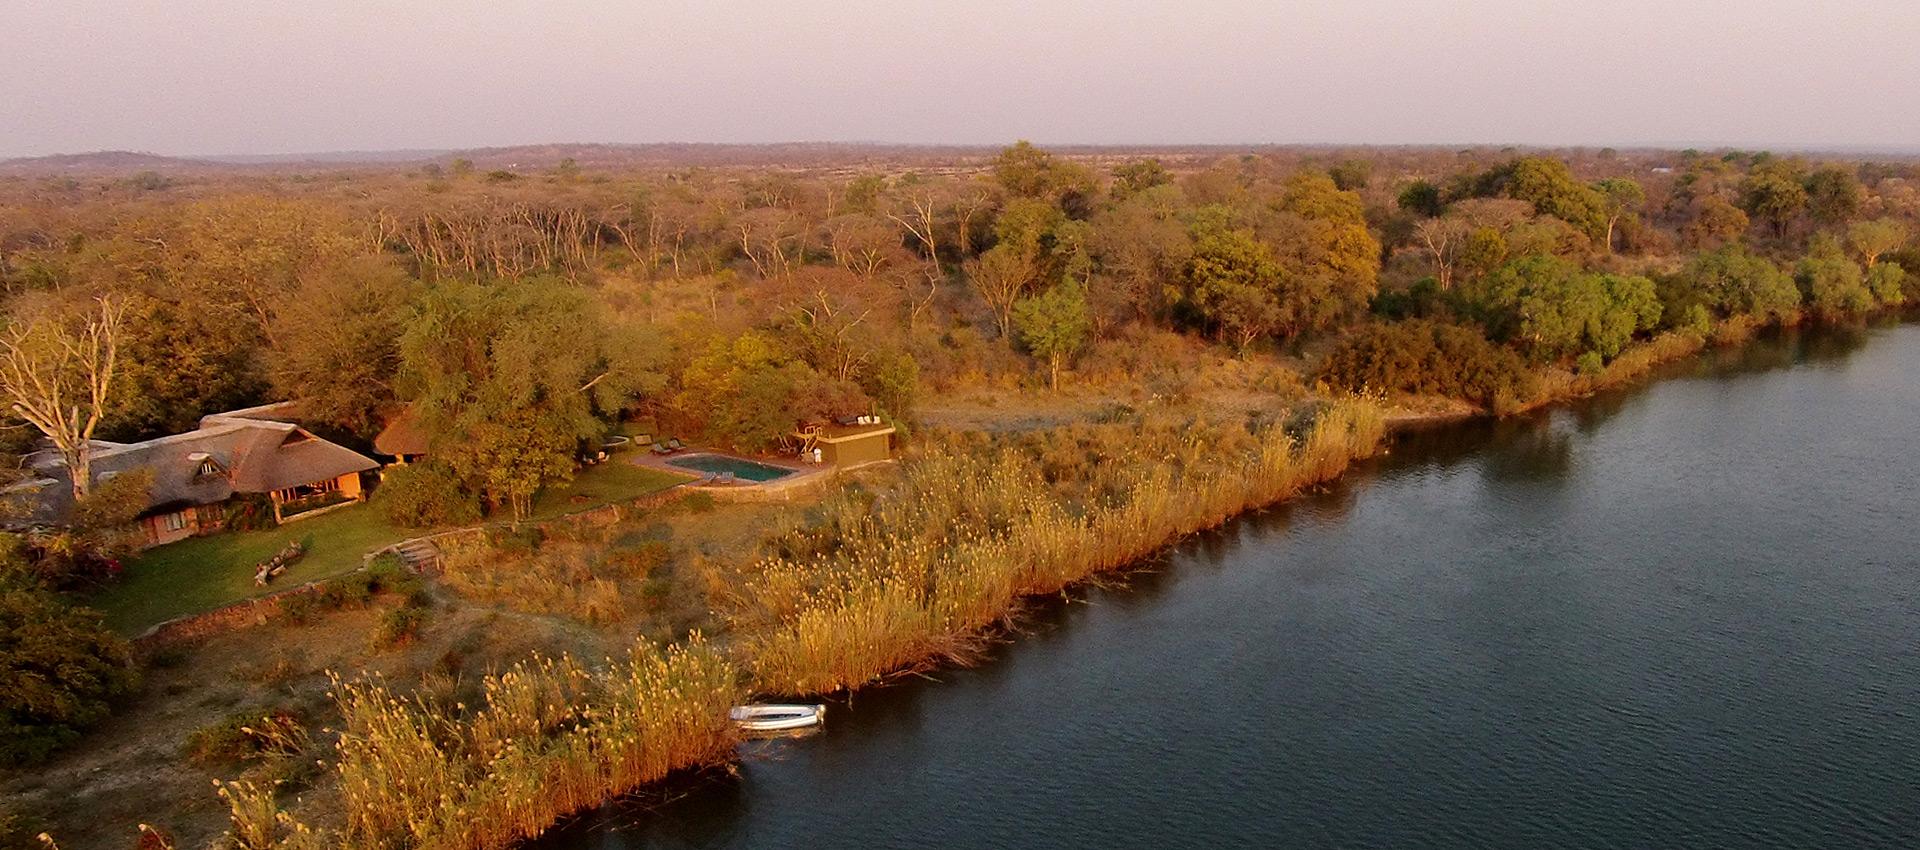 family-luxury-villa-holiday-zambezi